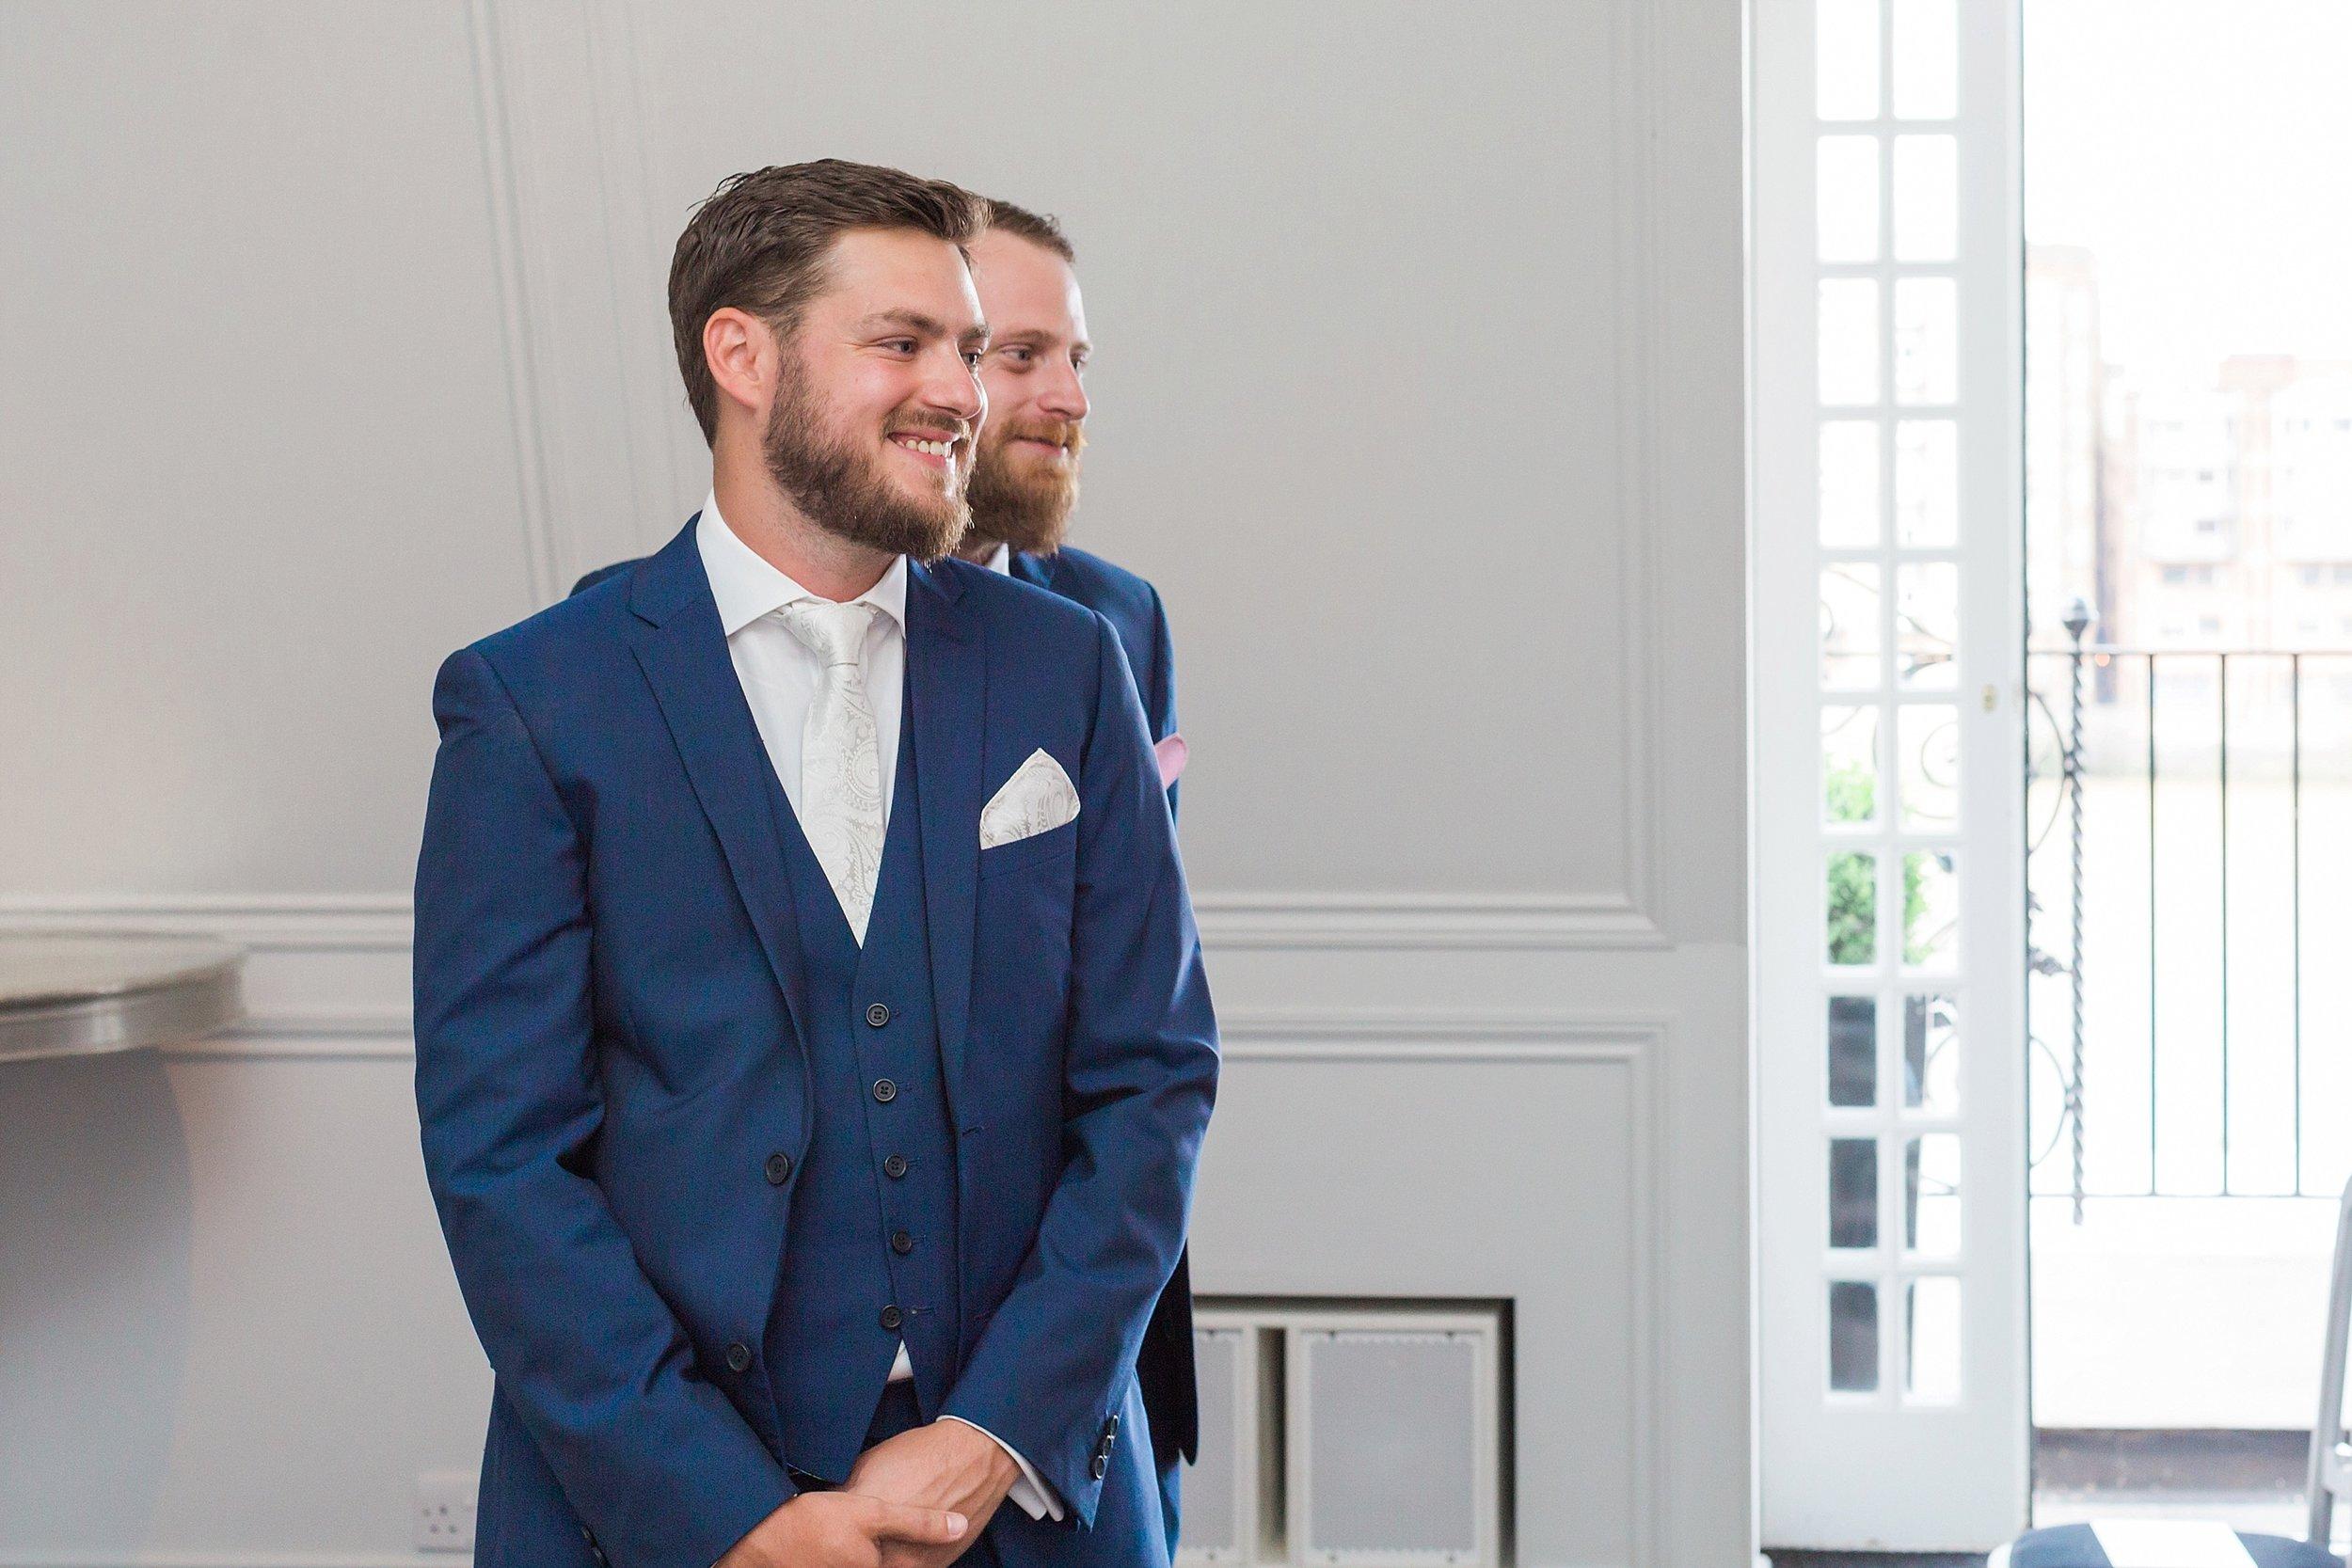 somerset-groom.jpg